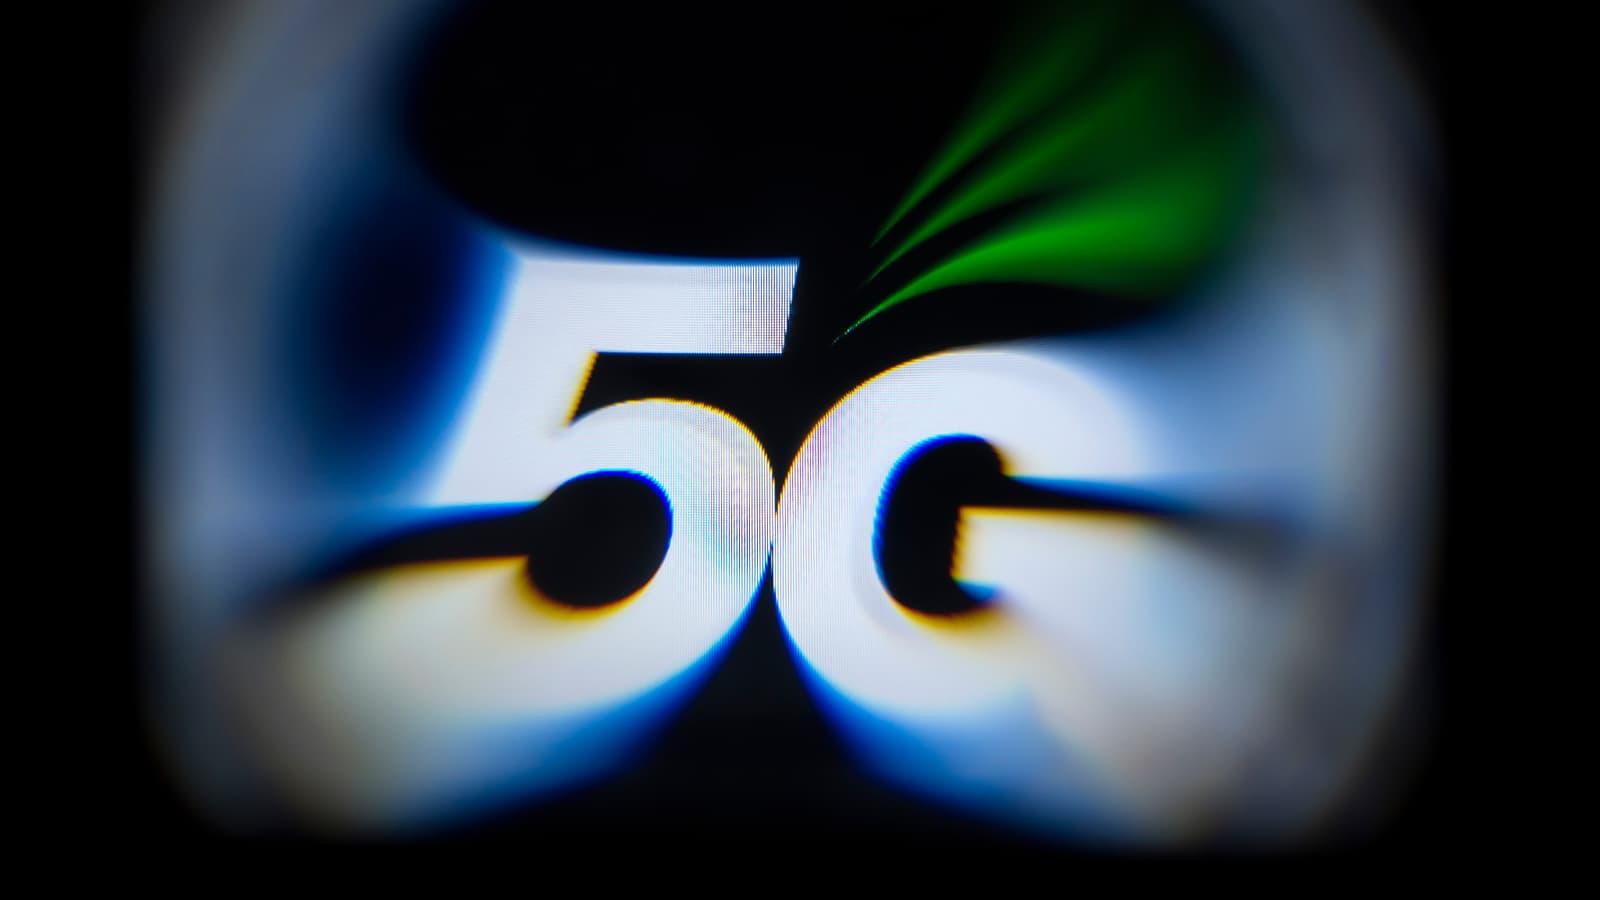 Défiance autour de la 5G: et si on se trompait complètement de débat?